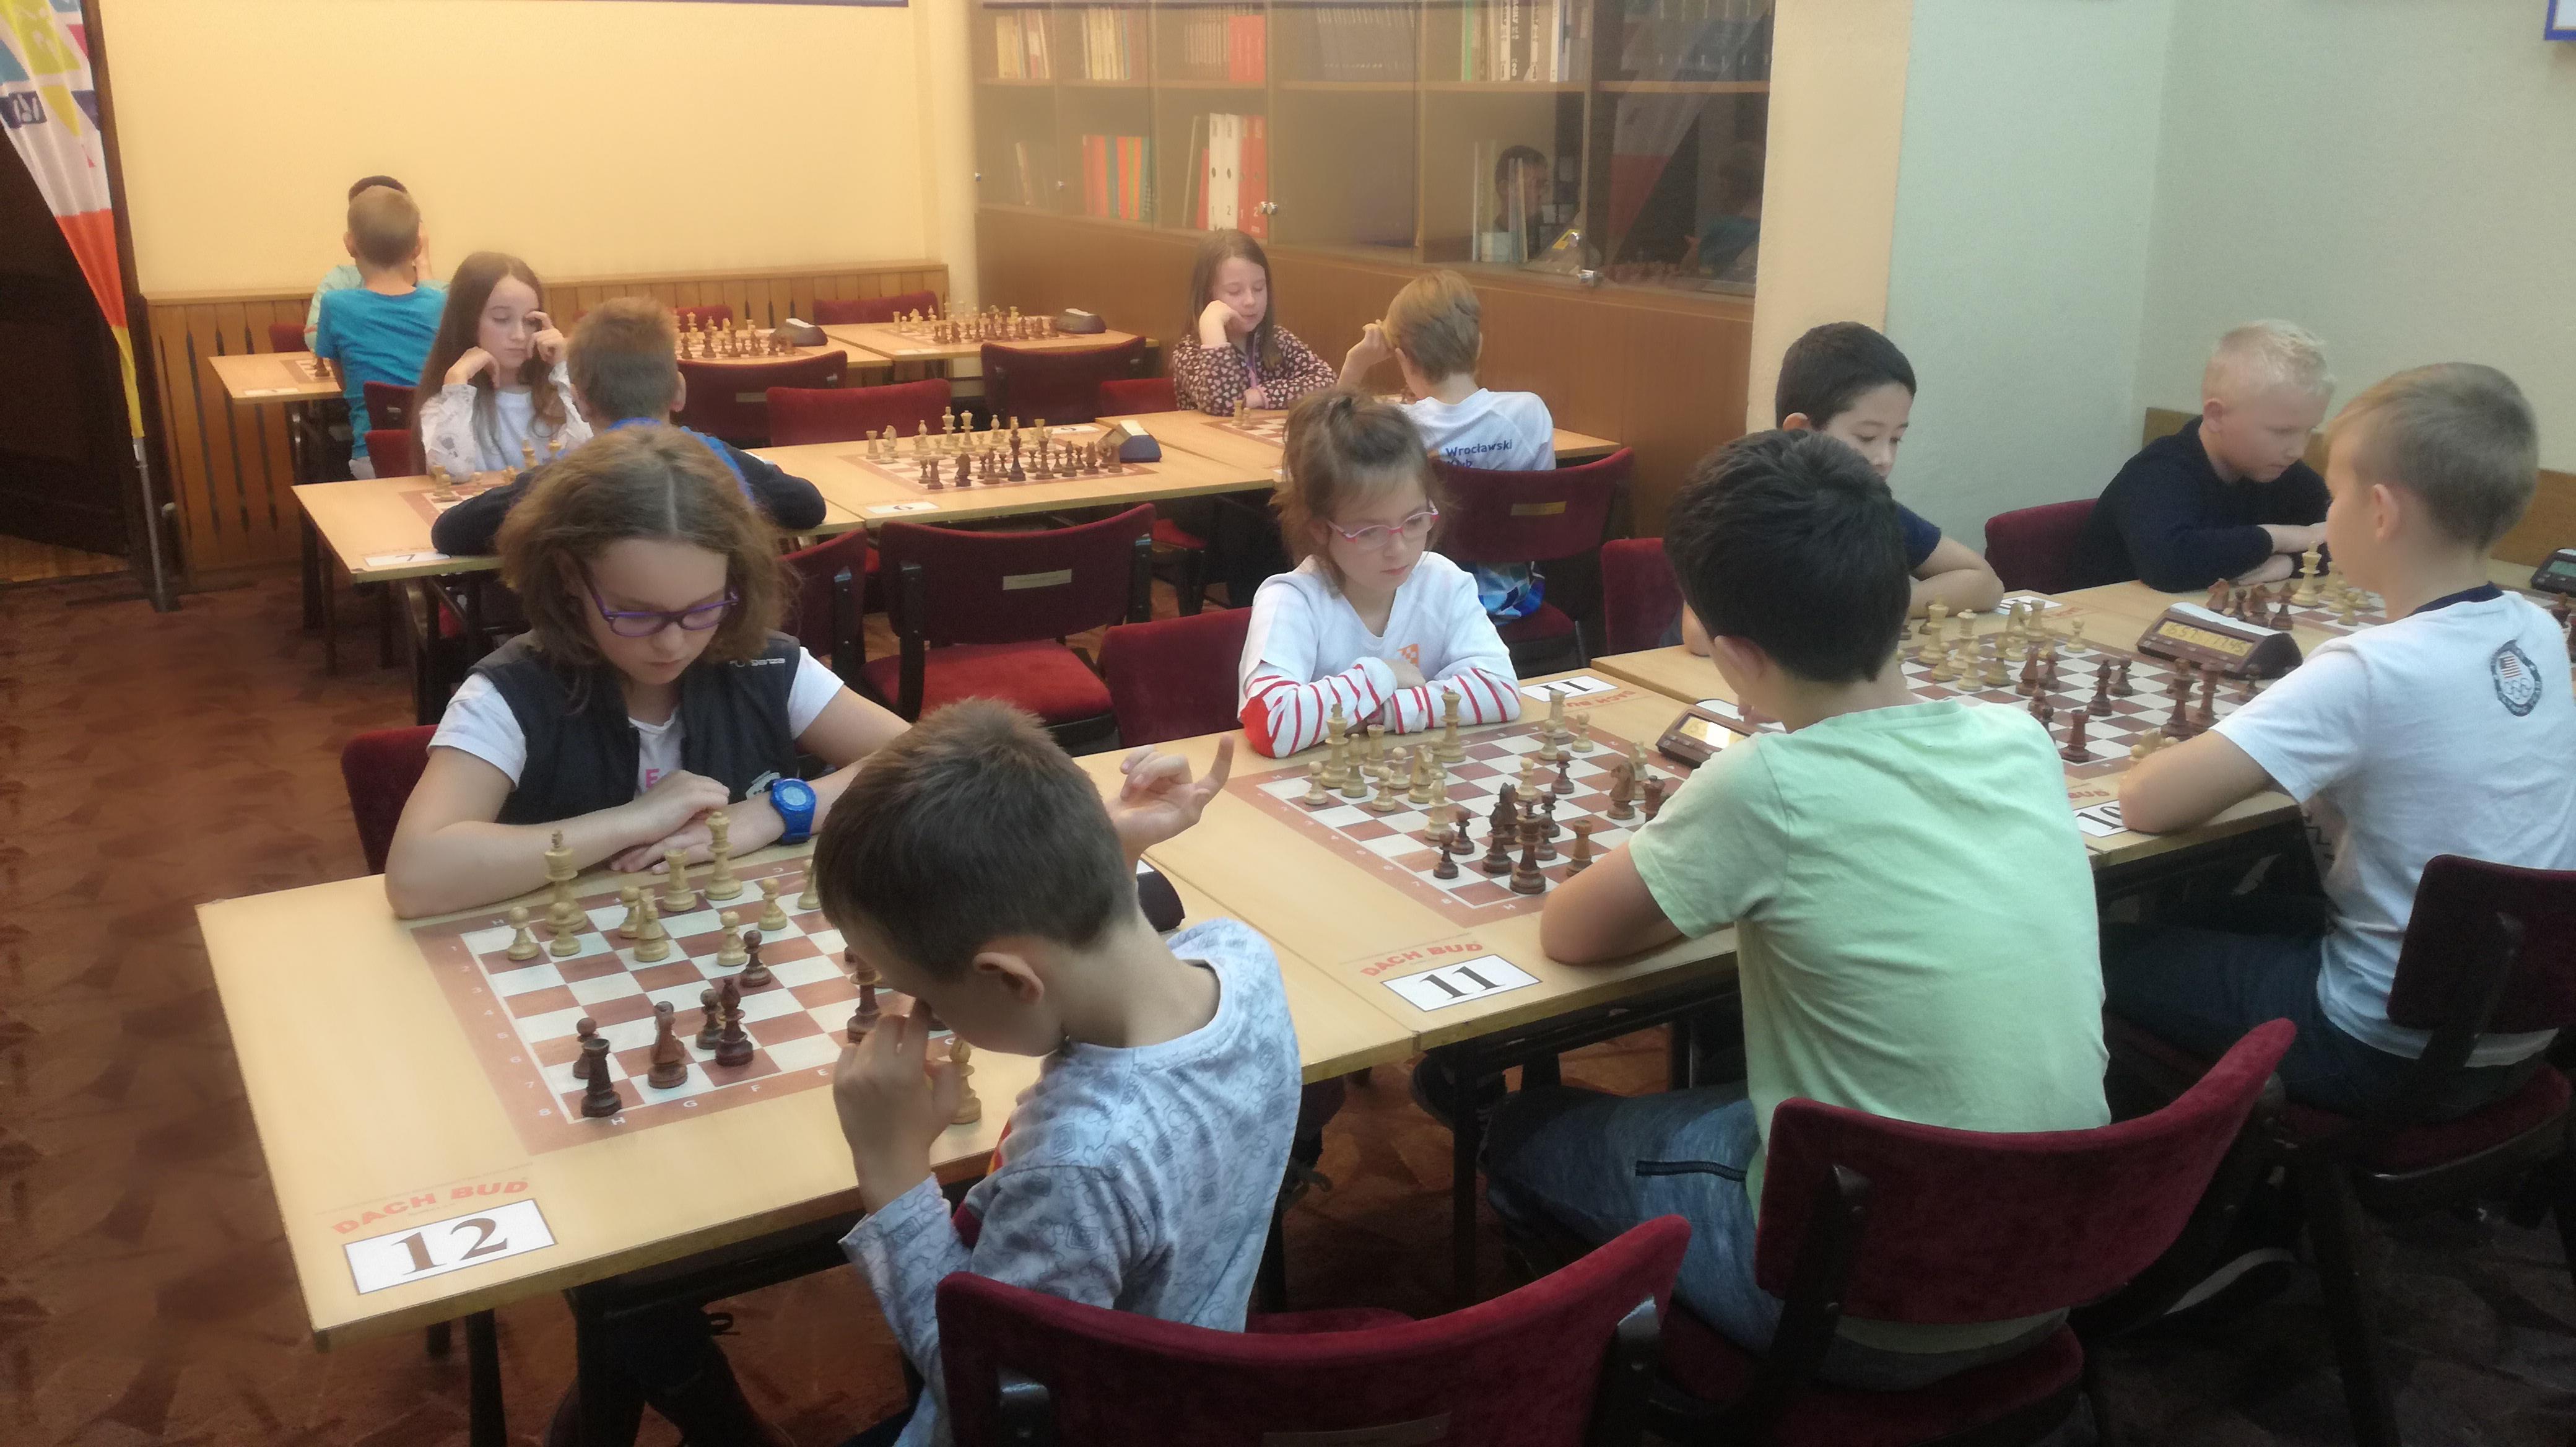 Turniej Czekoladowy w Hetmanie - Grupa B